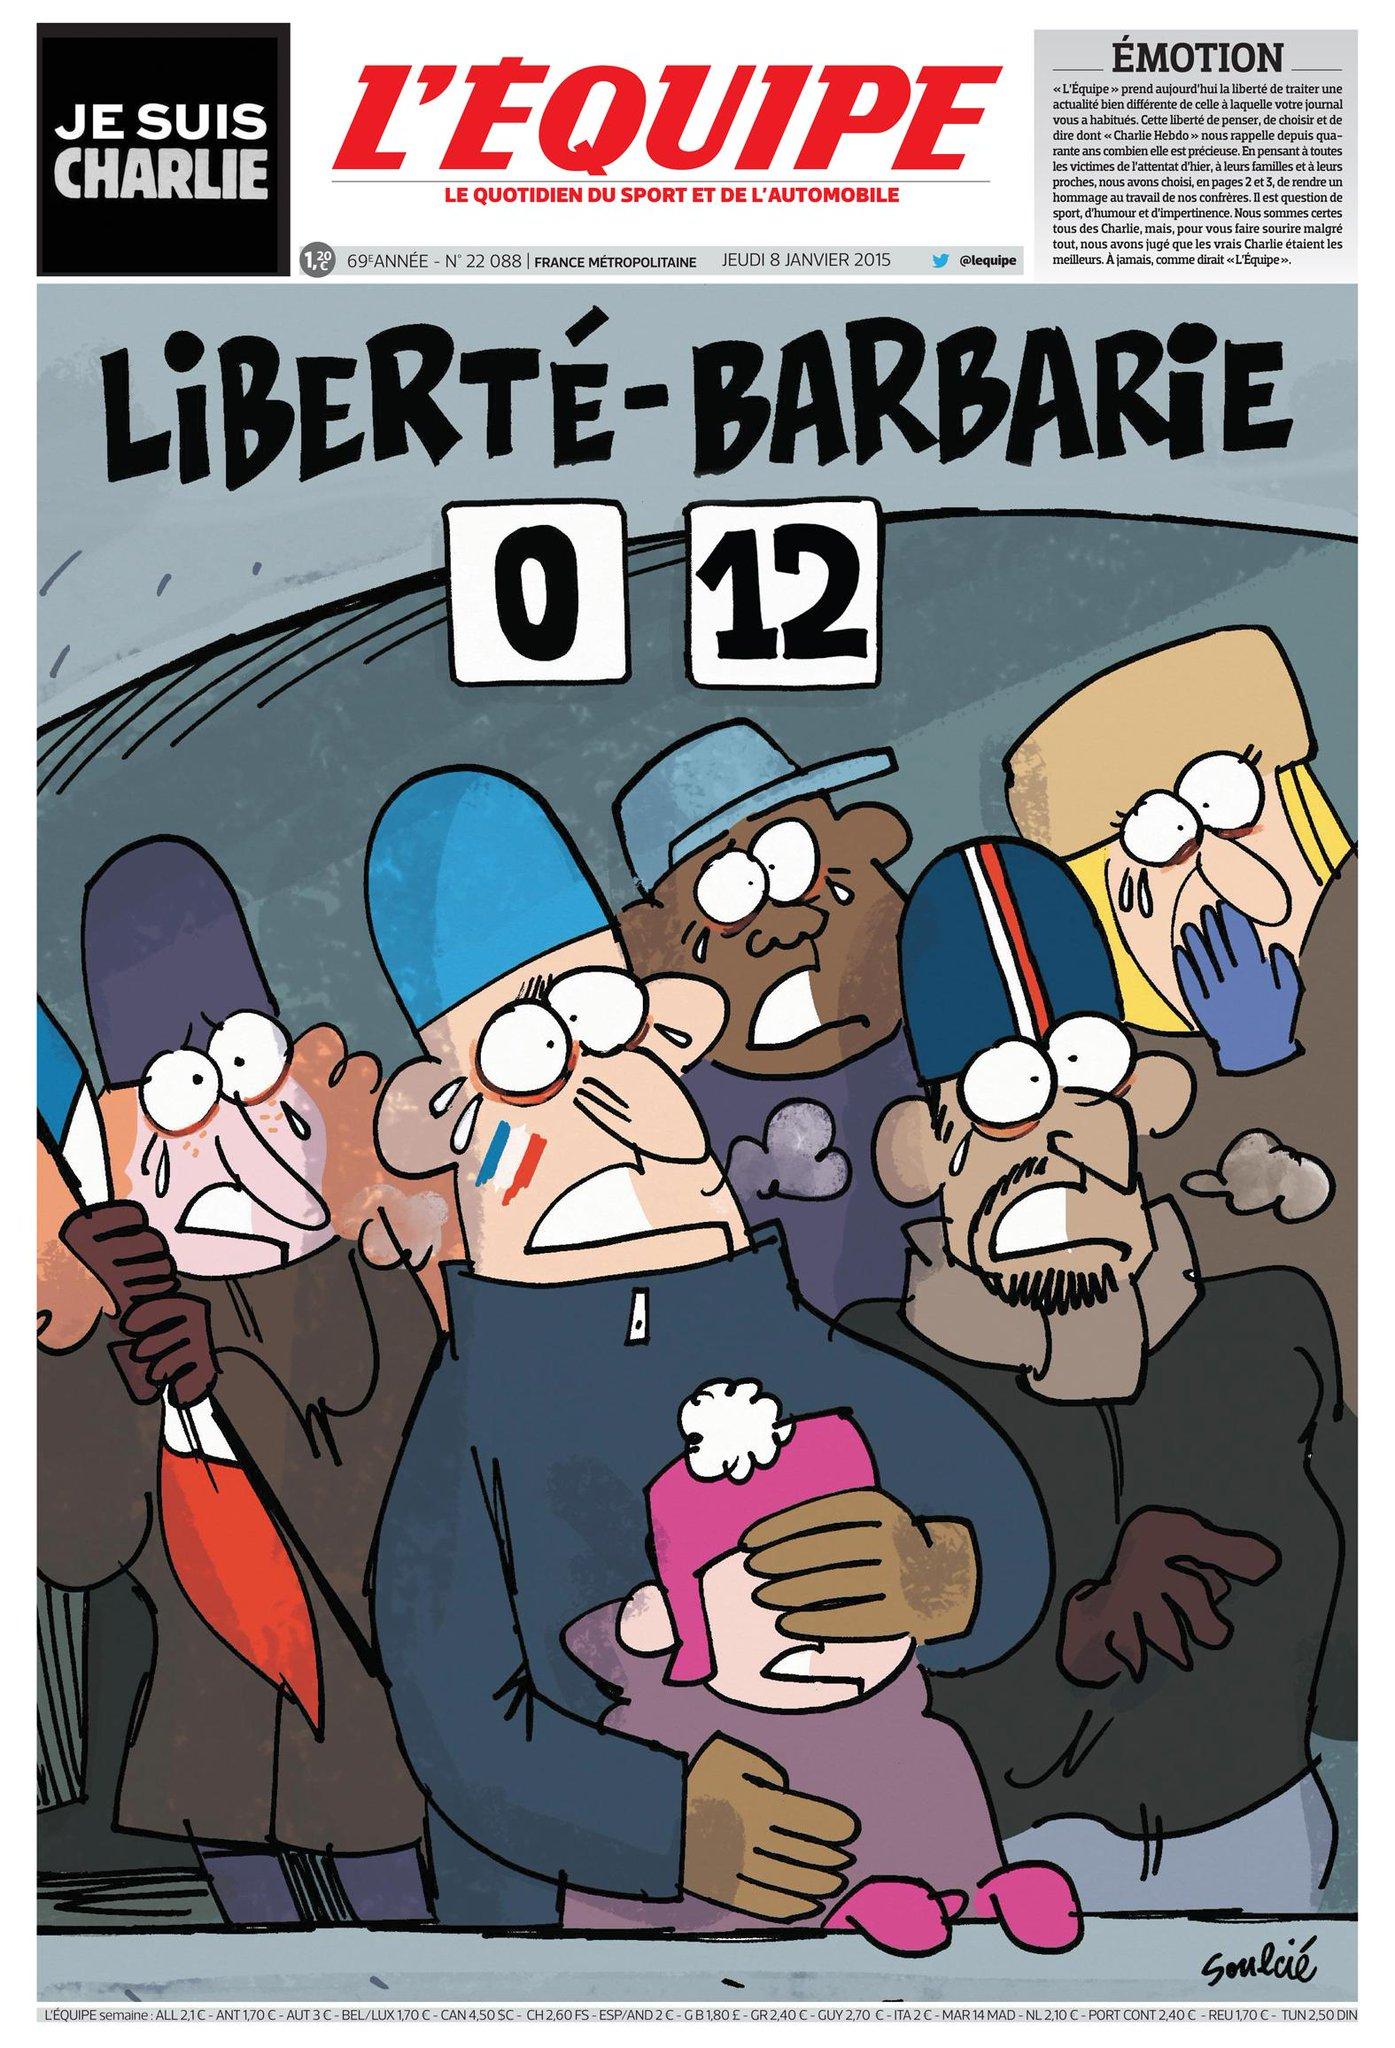 Notre Une du 8 janvier. Une double page rendra hommage au travail de nos confrères de Charlie Hebdo. #JeSuisCharlie http://t.co/z2uUxE4MFV